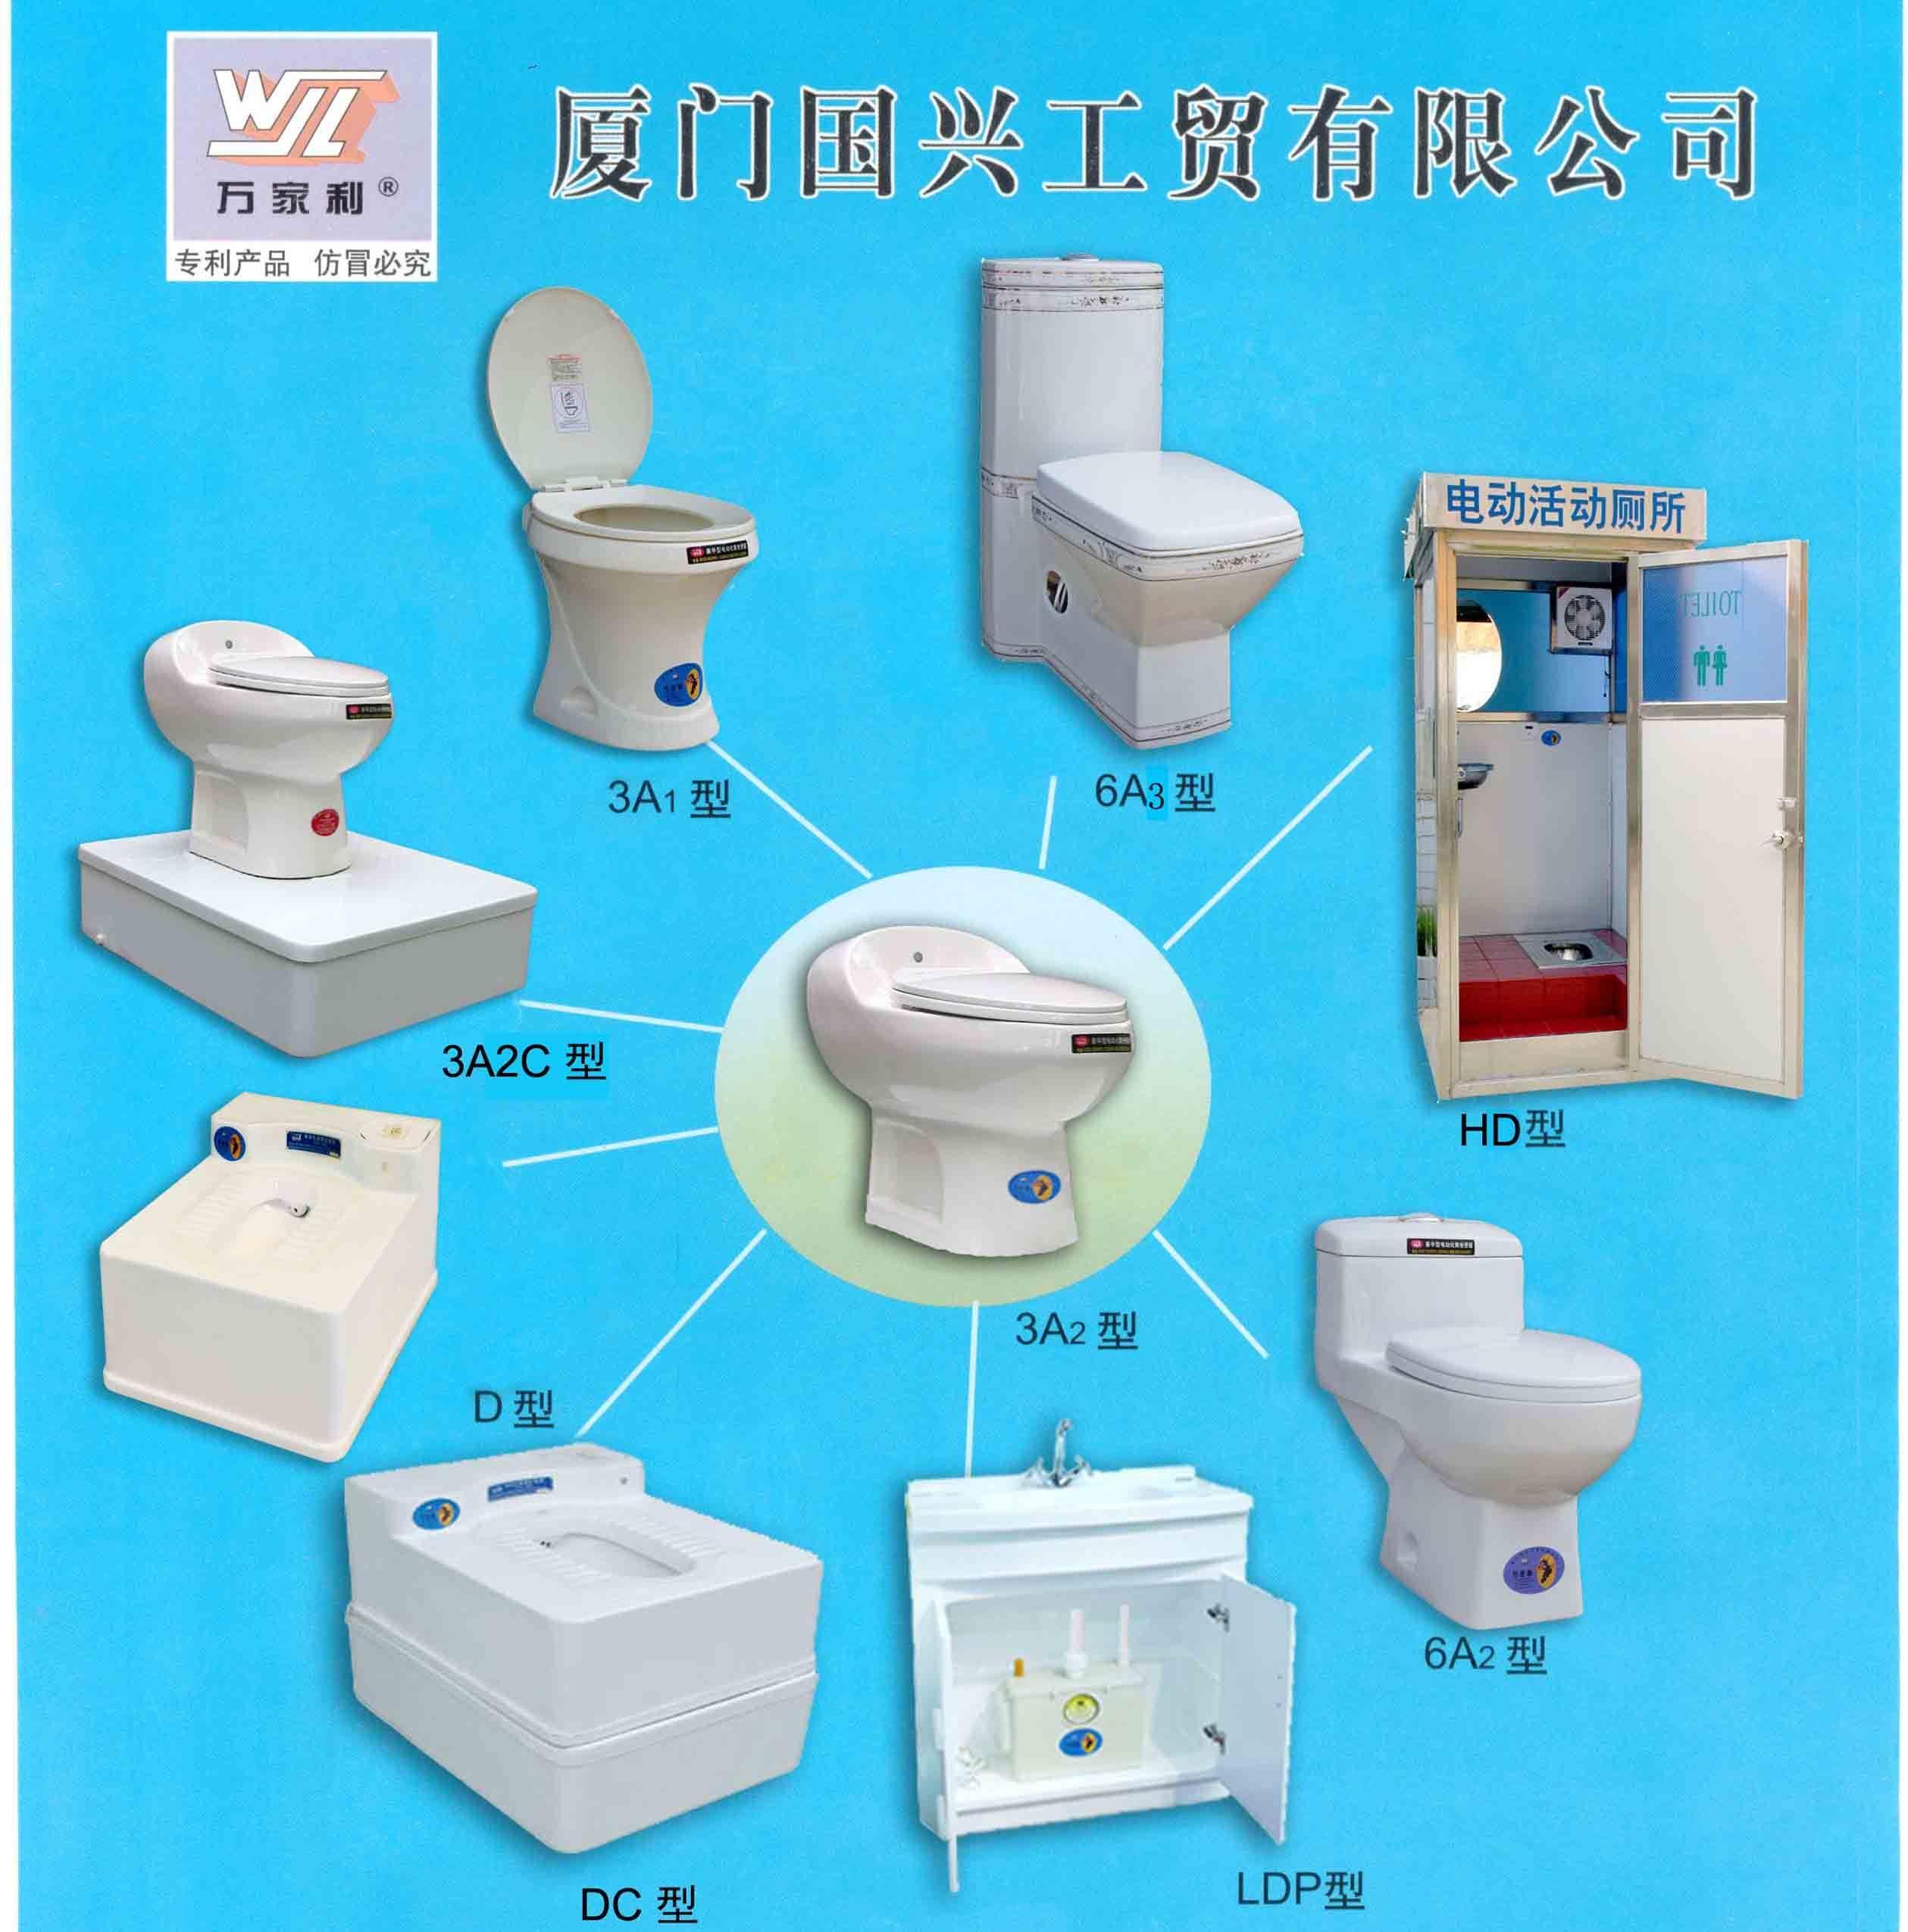 抽水马桶内部 抽水马桶底部结构图 洗手盆与抽水马桶